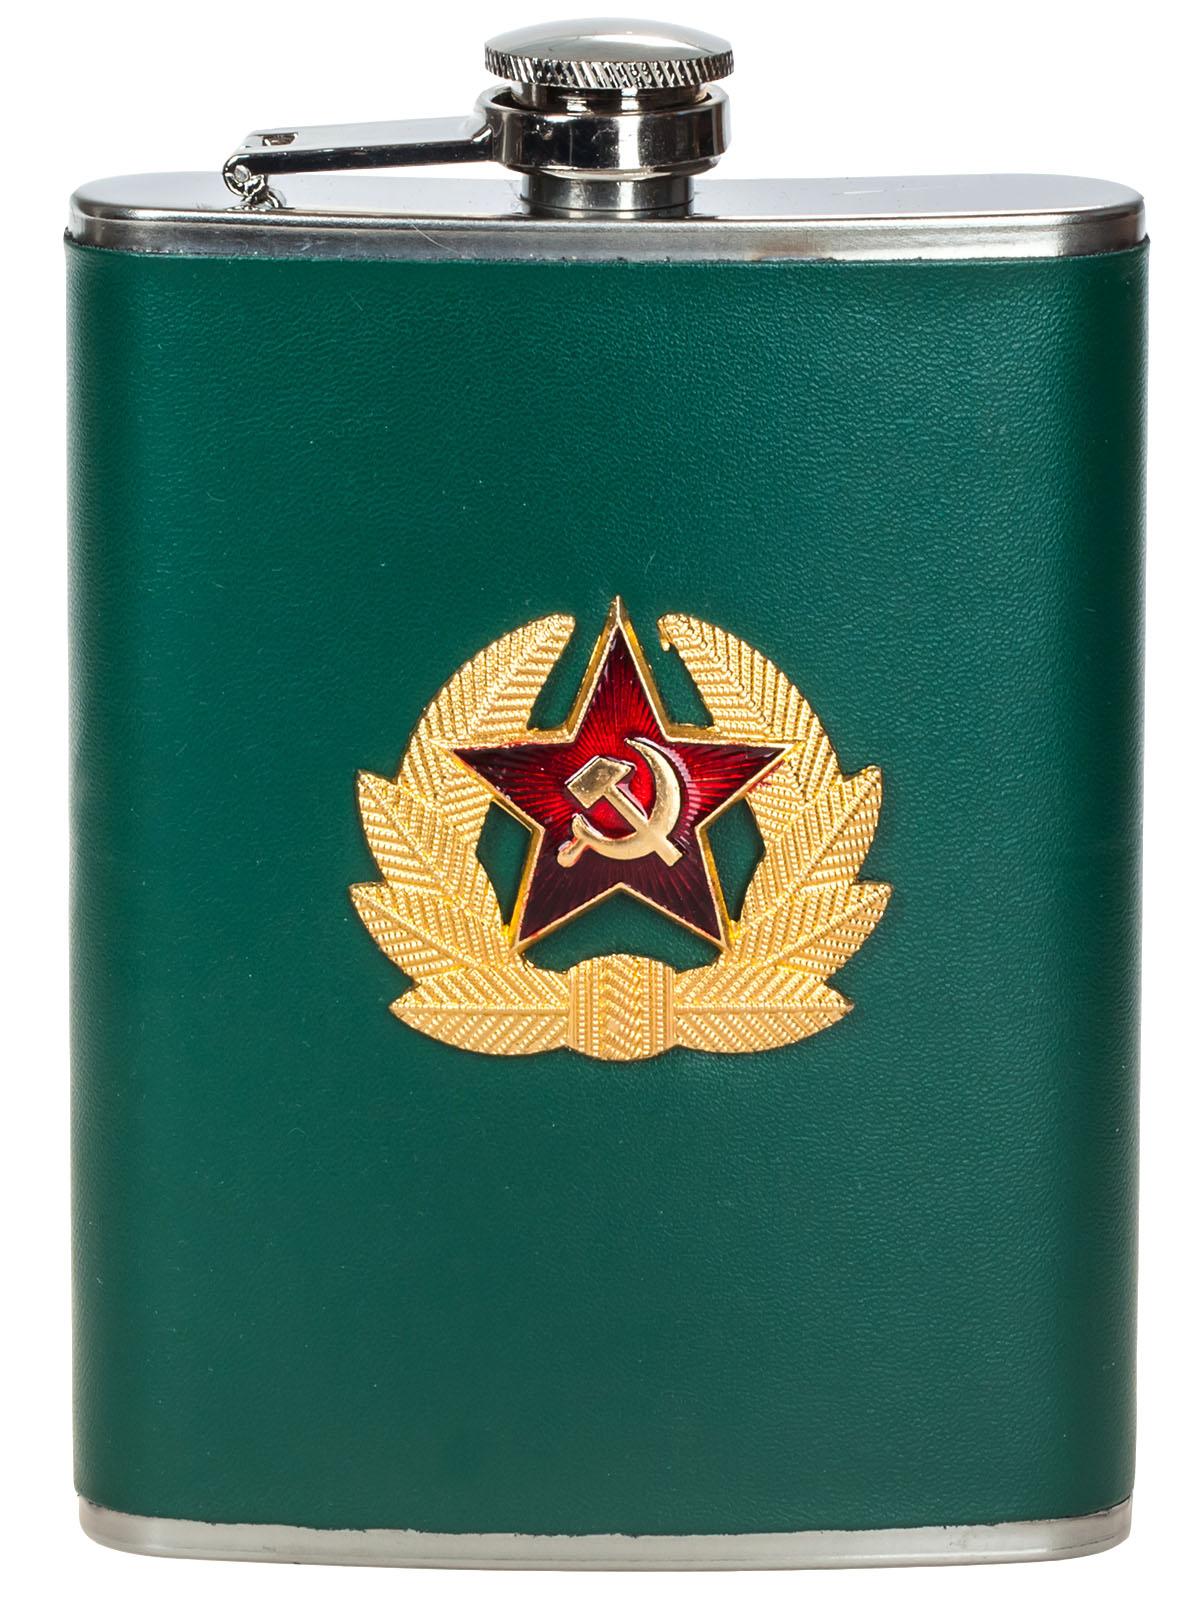 Заказать в интернет магазине фляжку для спиртного с Советским гербом